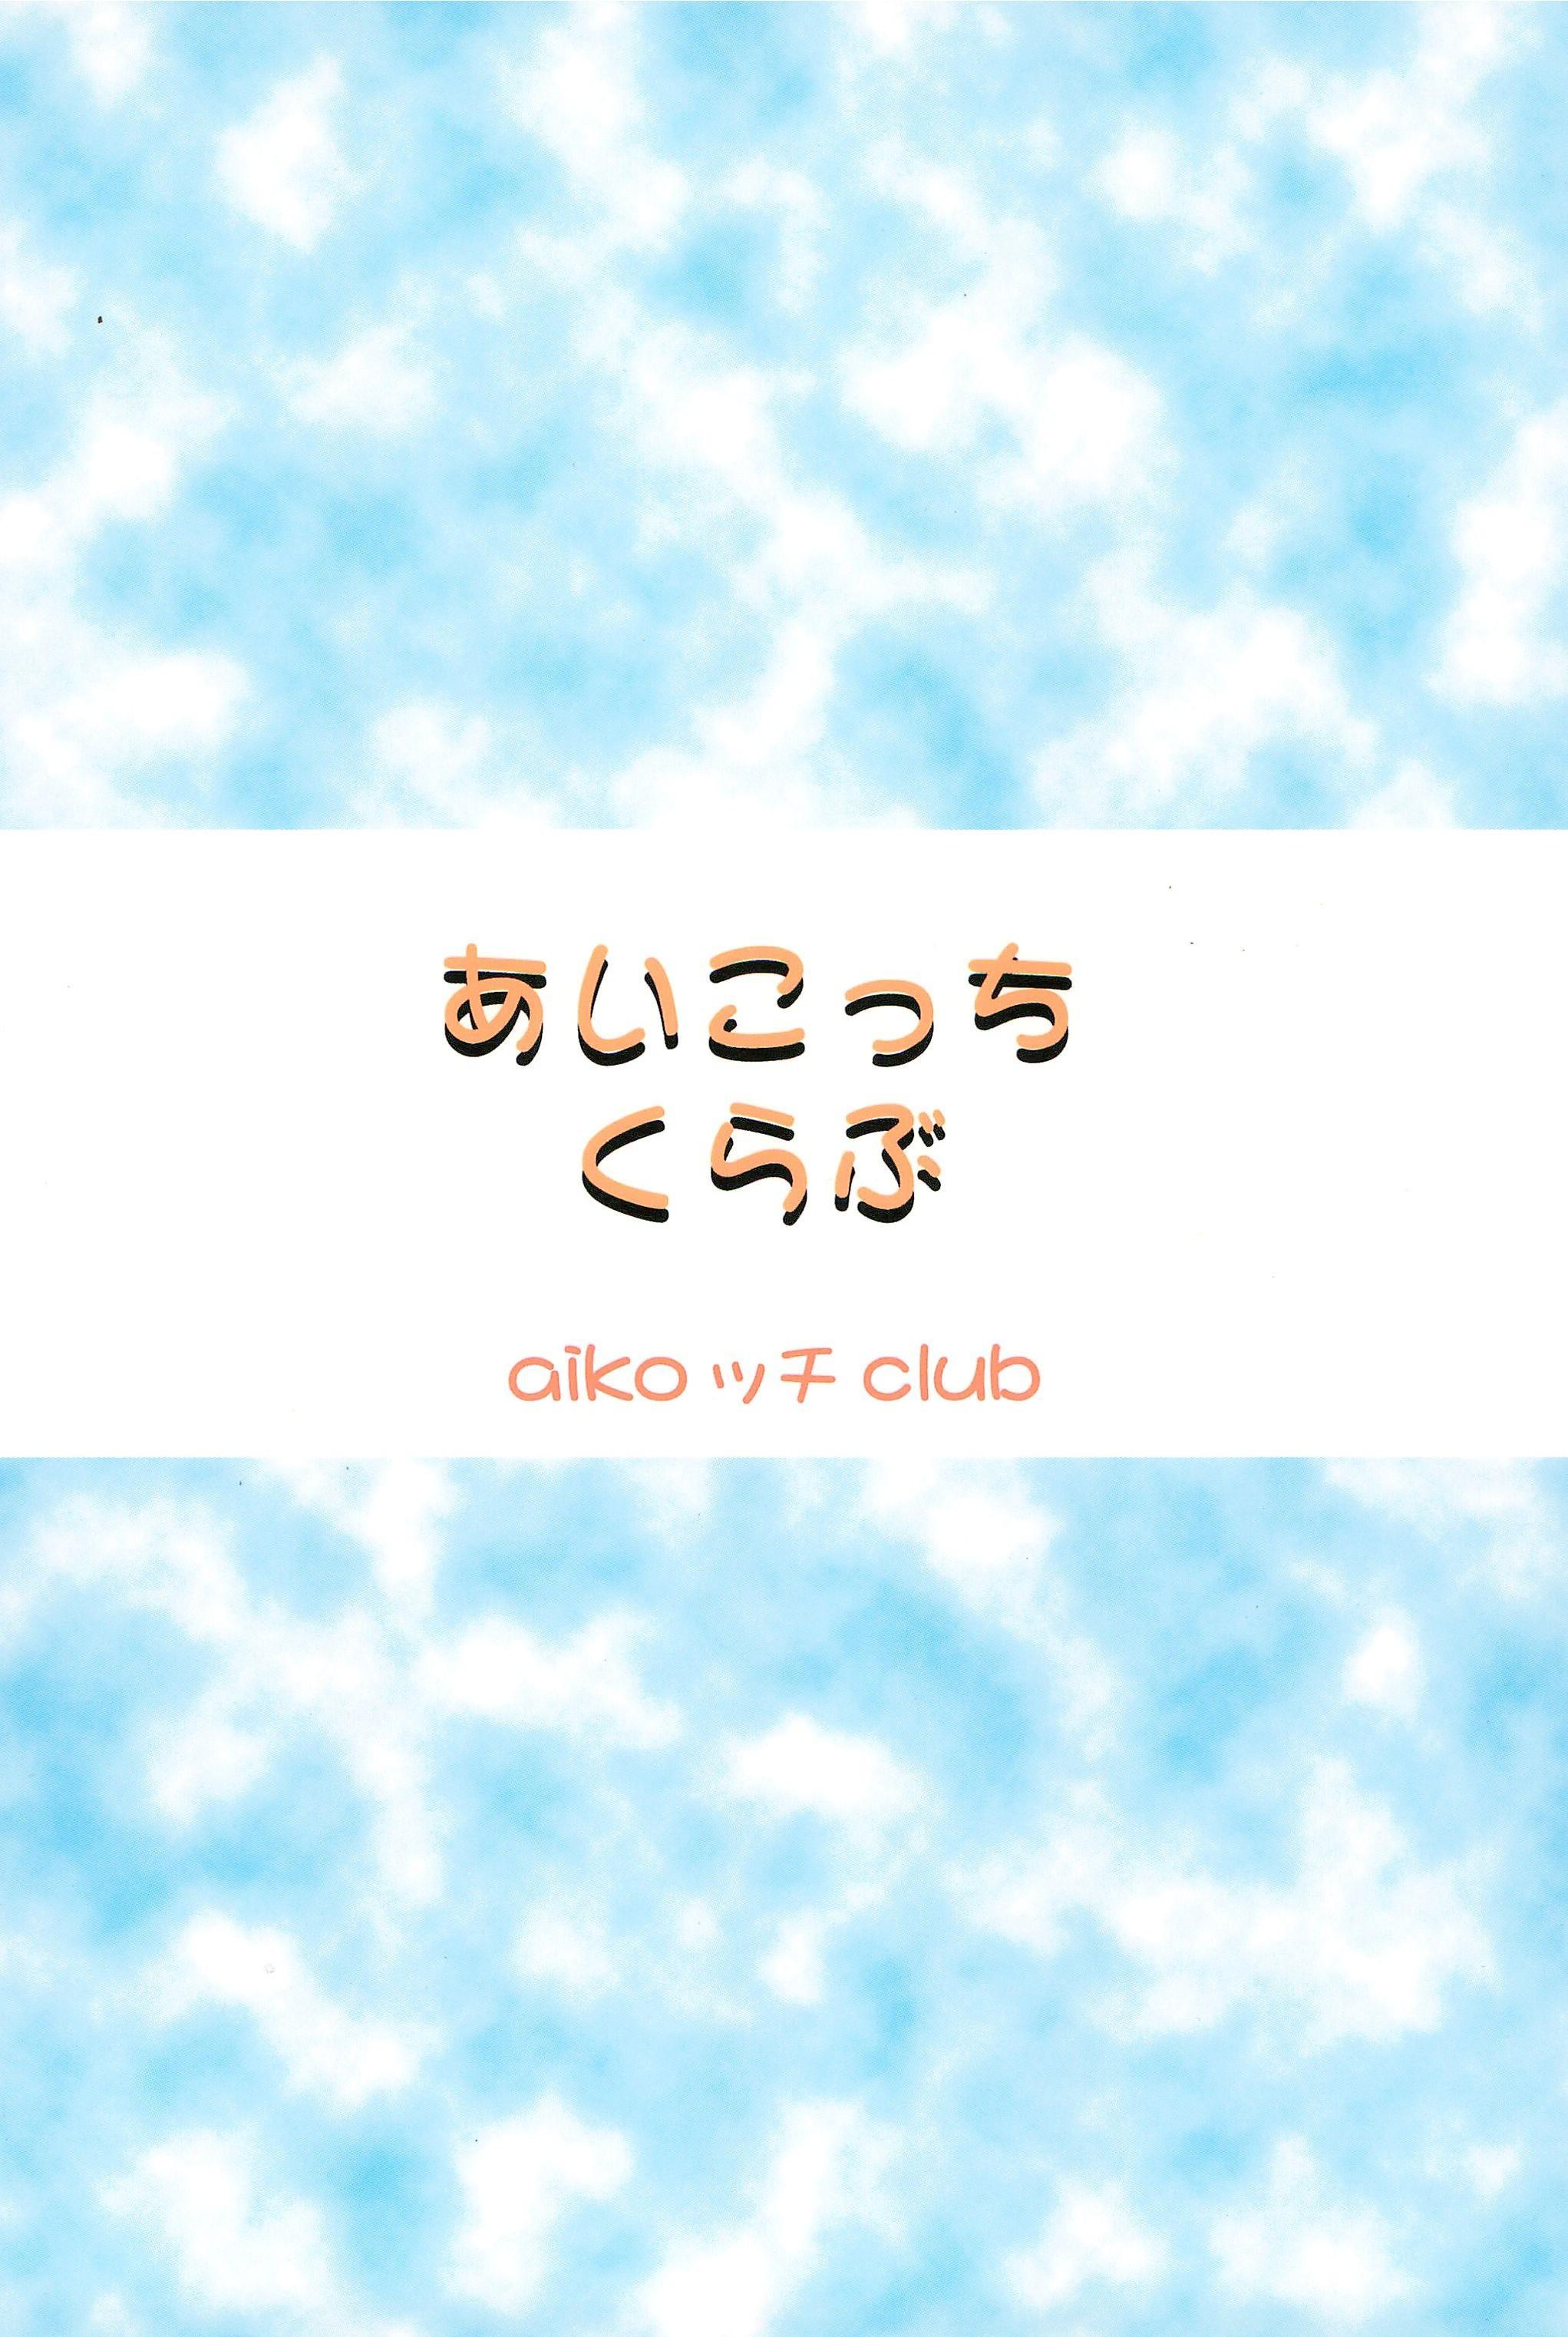 Aikocchi Club 27